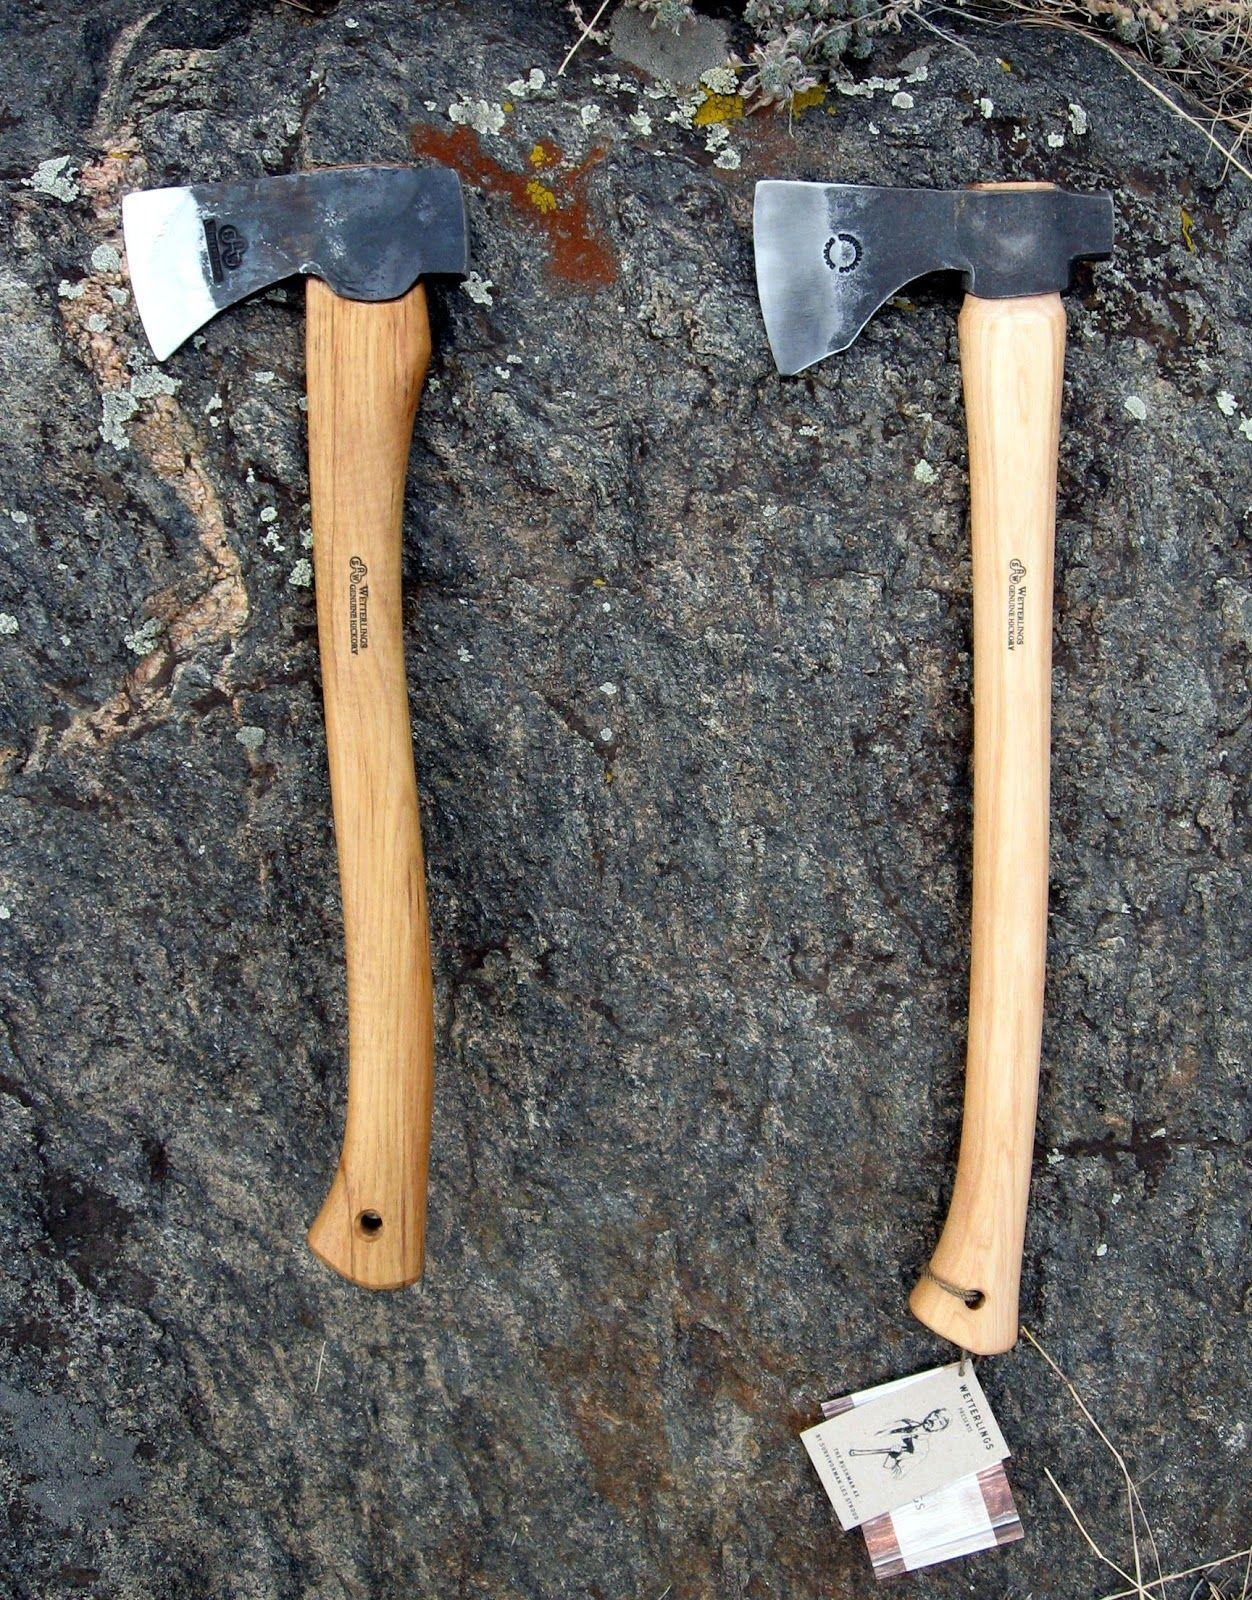 Axes Wetterlings Bushcraft Axe Axe Axe Sheath